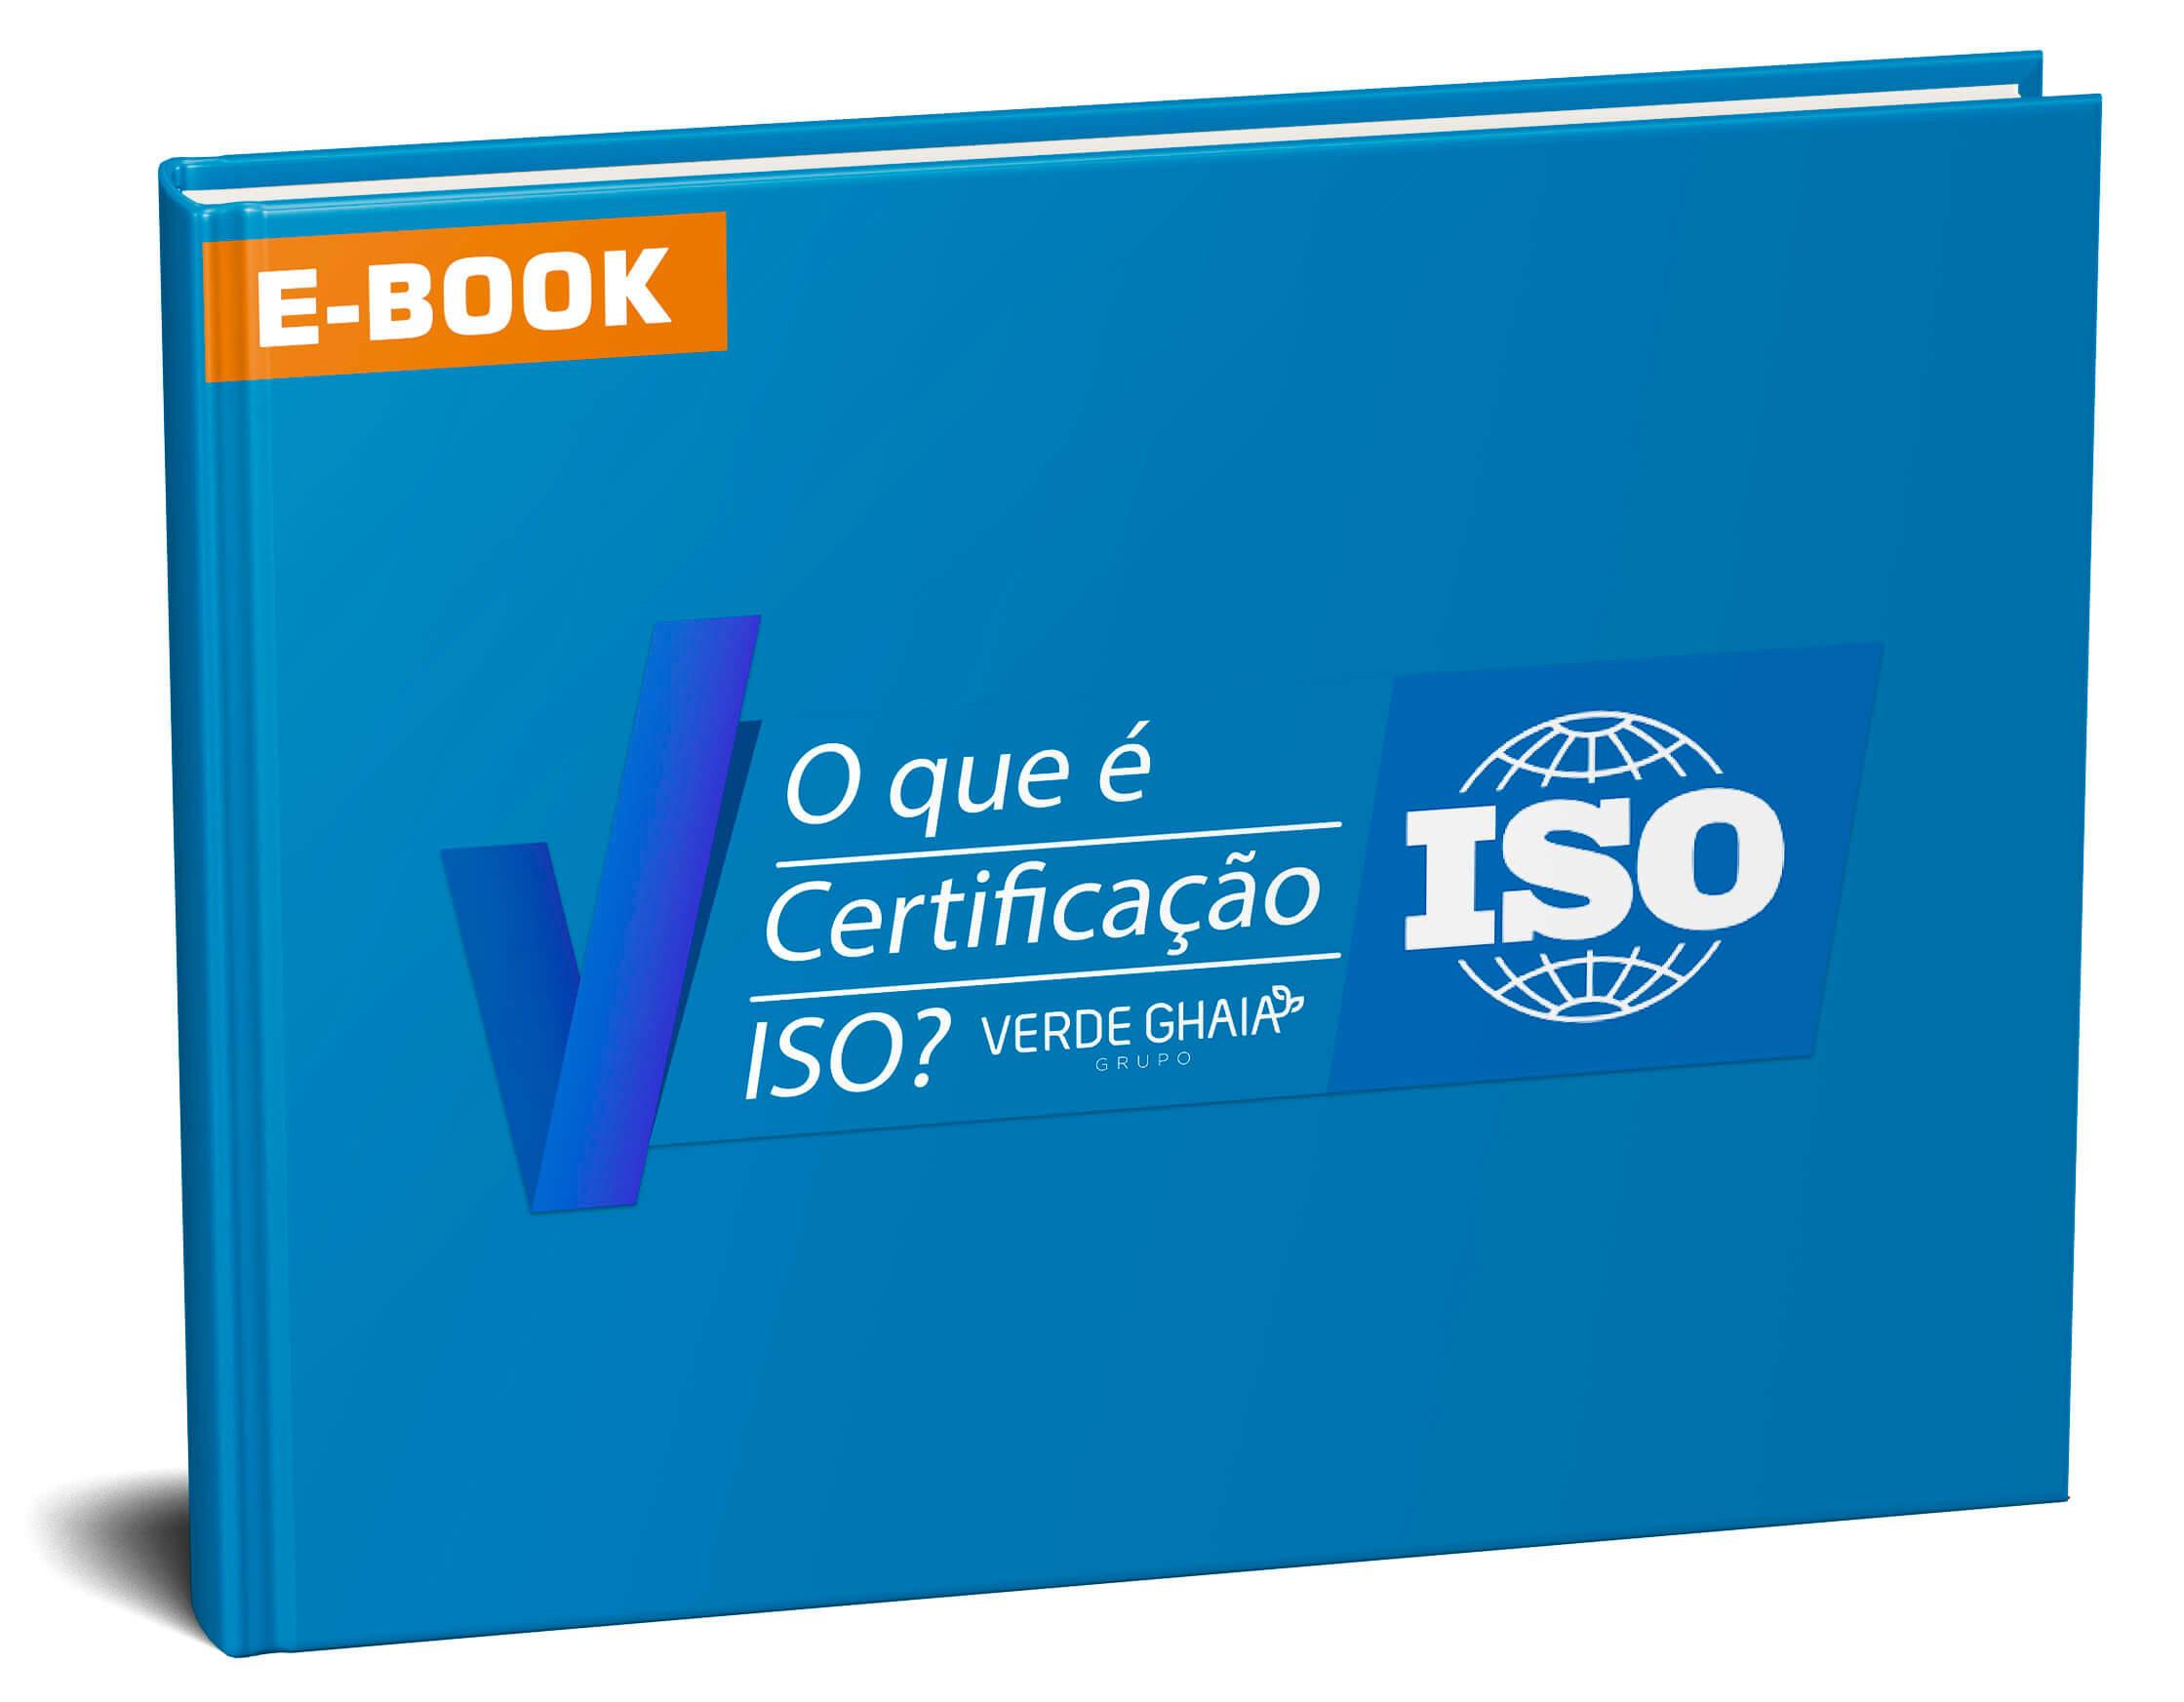 O que é certificação ISO